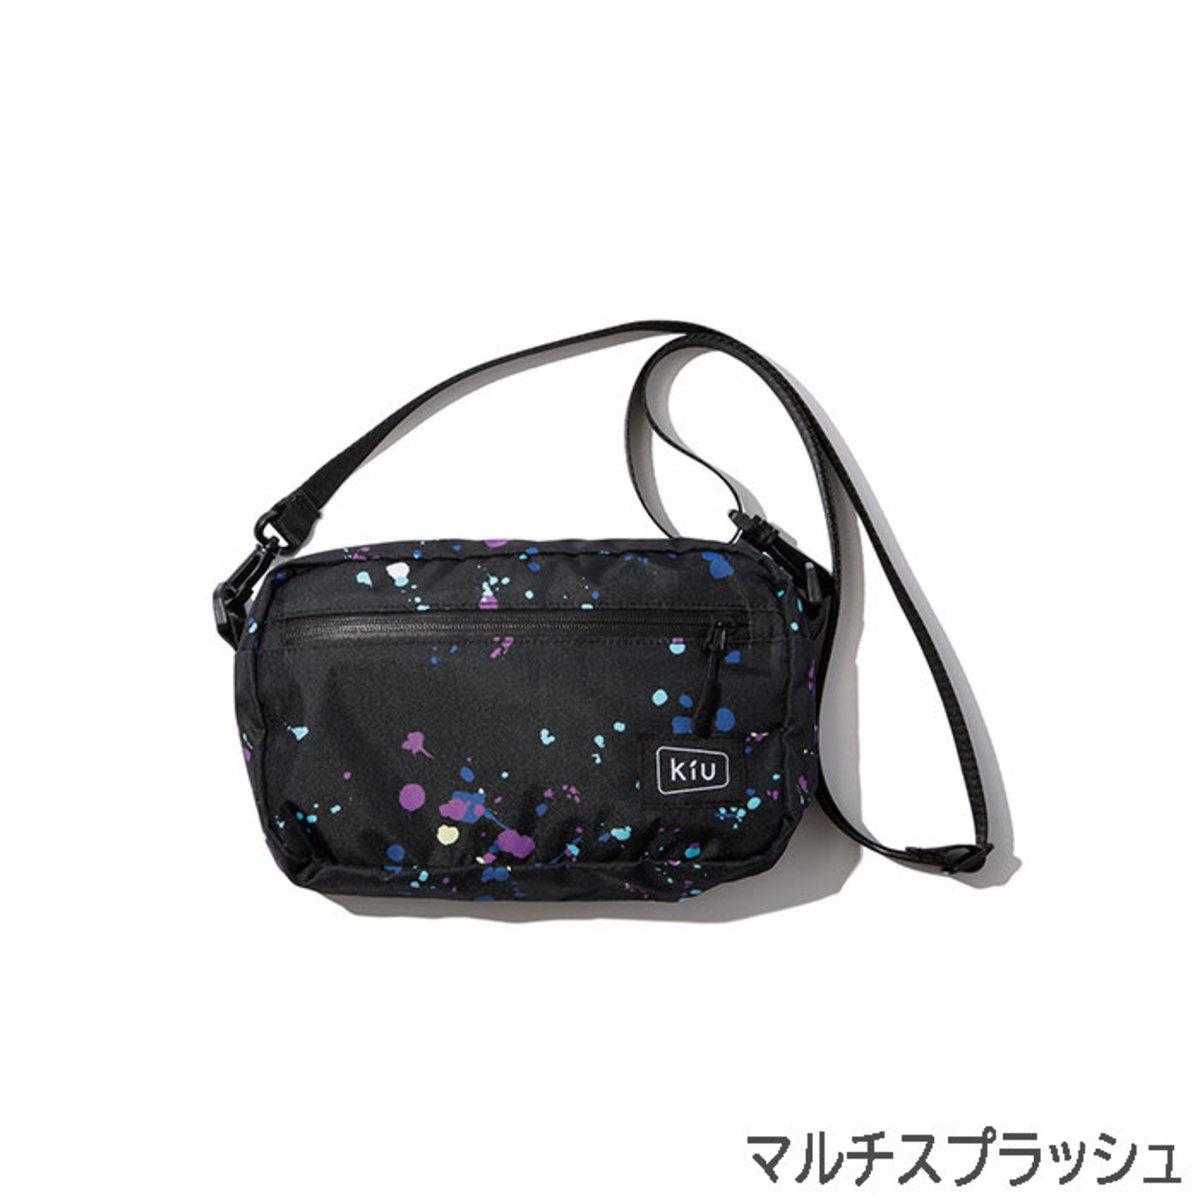 Kiu Series Waterproof Mini Shoulder Bag - MULTI SPLASH